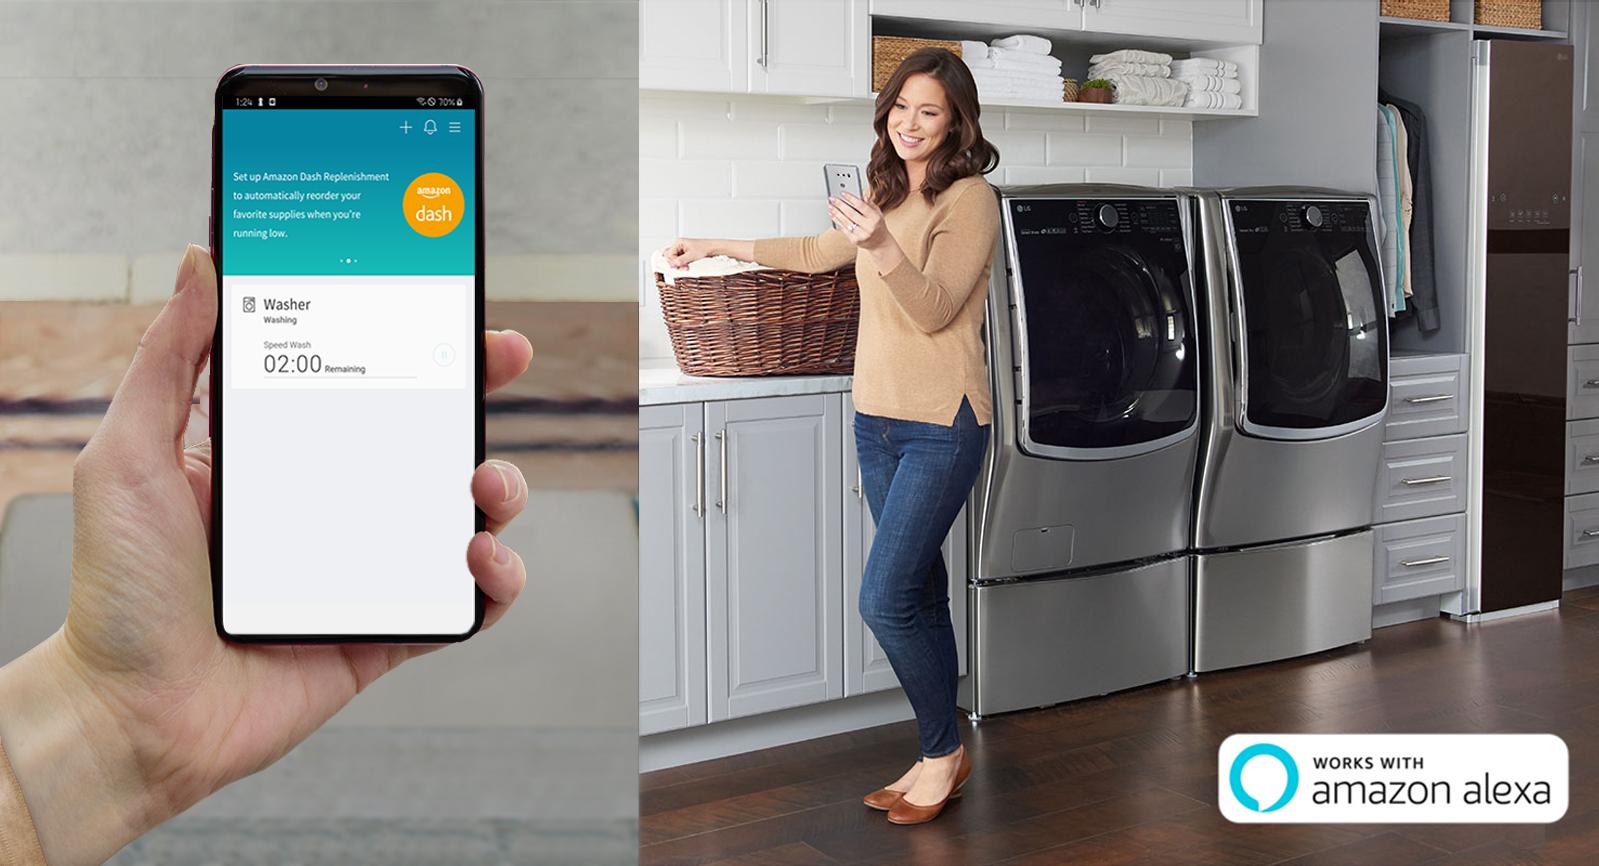 Οι συσκευές LG THINQ με την υπηρεσία ανανέωσης αναλώσιμων της Amazon αλλάζουν τα δεδομένα στην IFA 2019